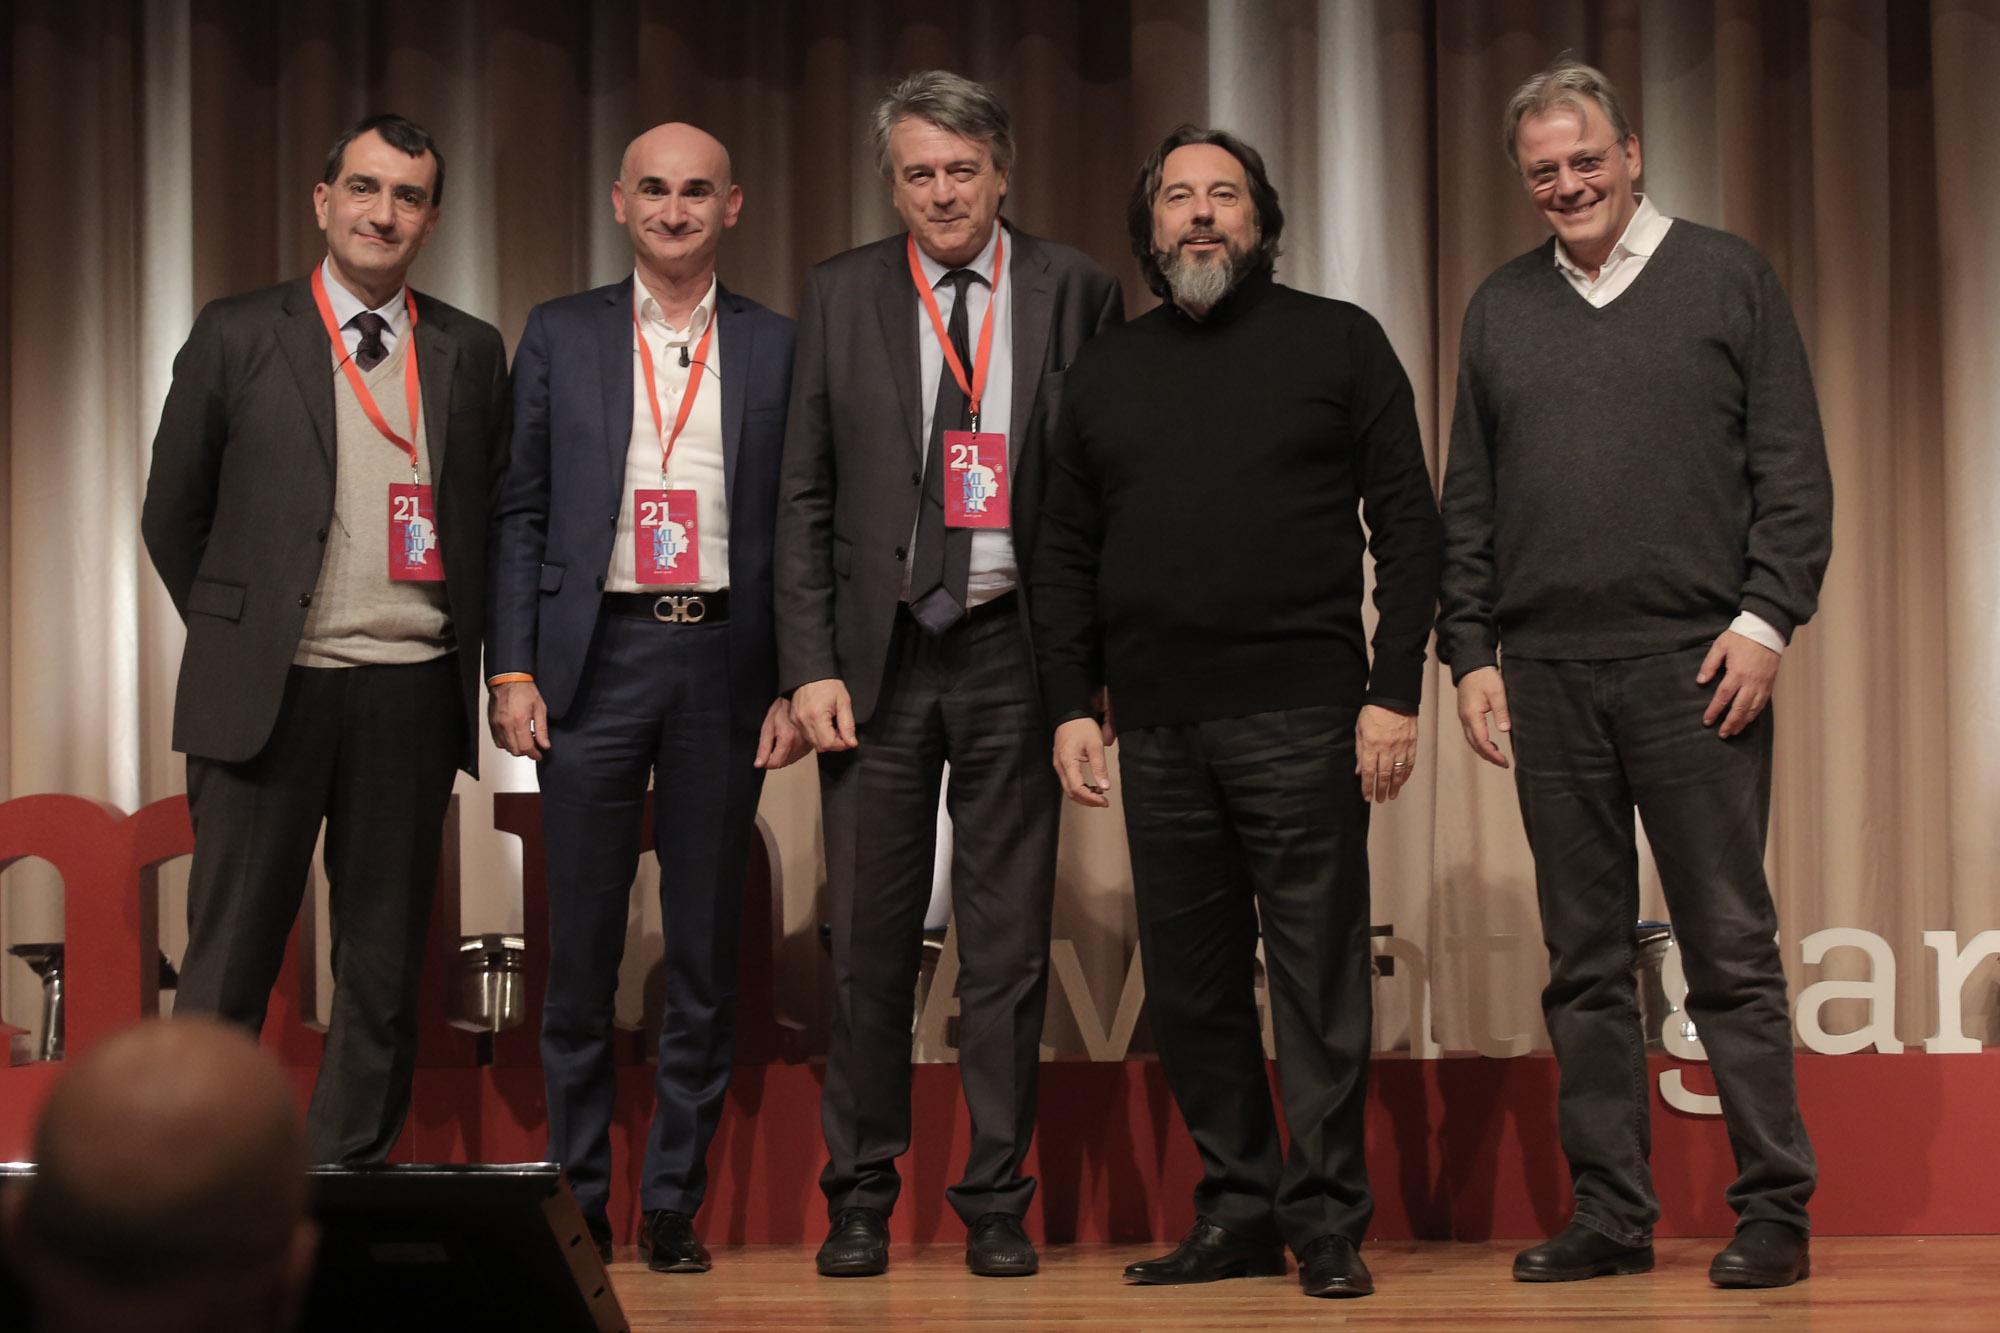 Paoletti con il Segretario di Stato Claudio Maria Morganti e gli speaker di 21minuti